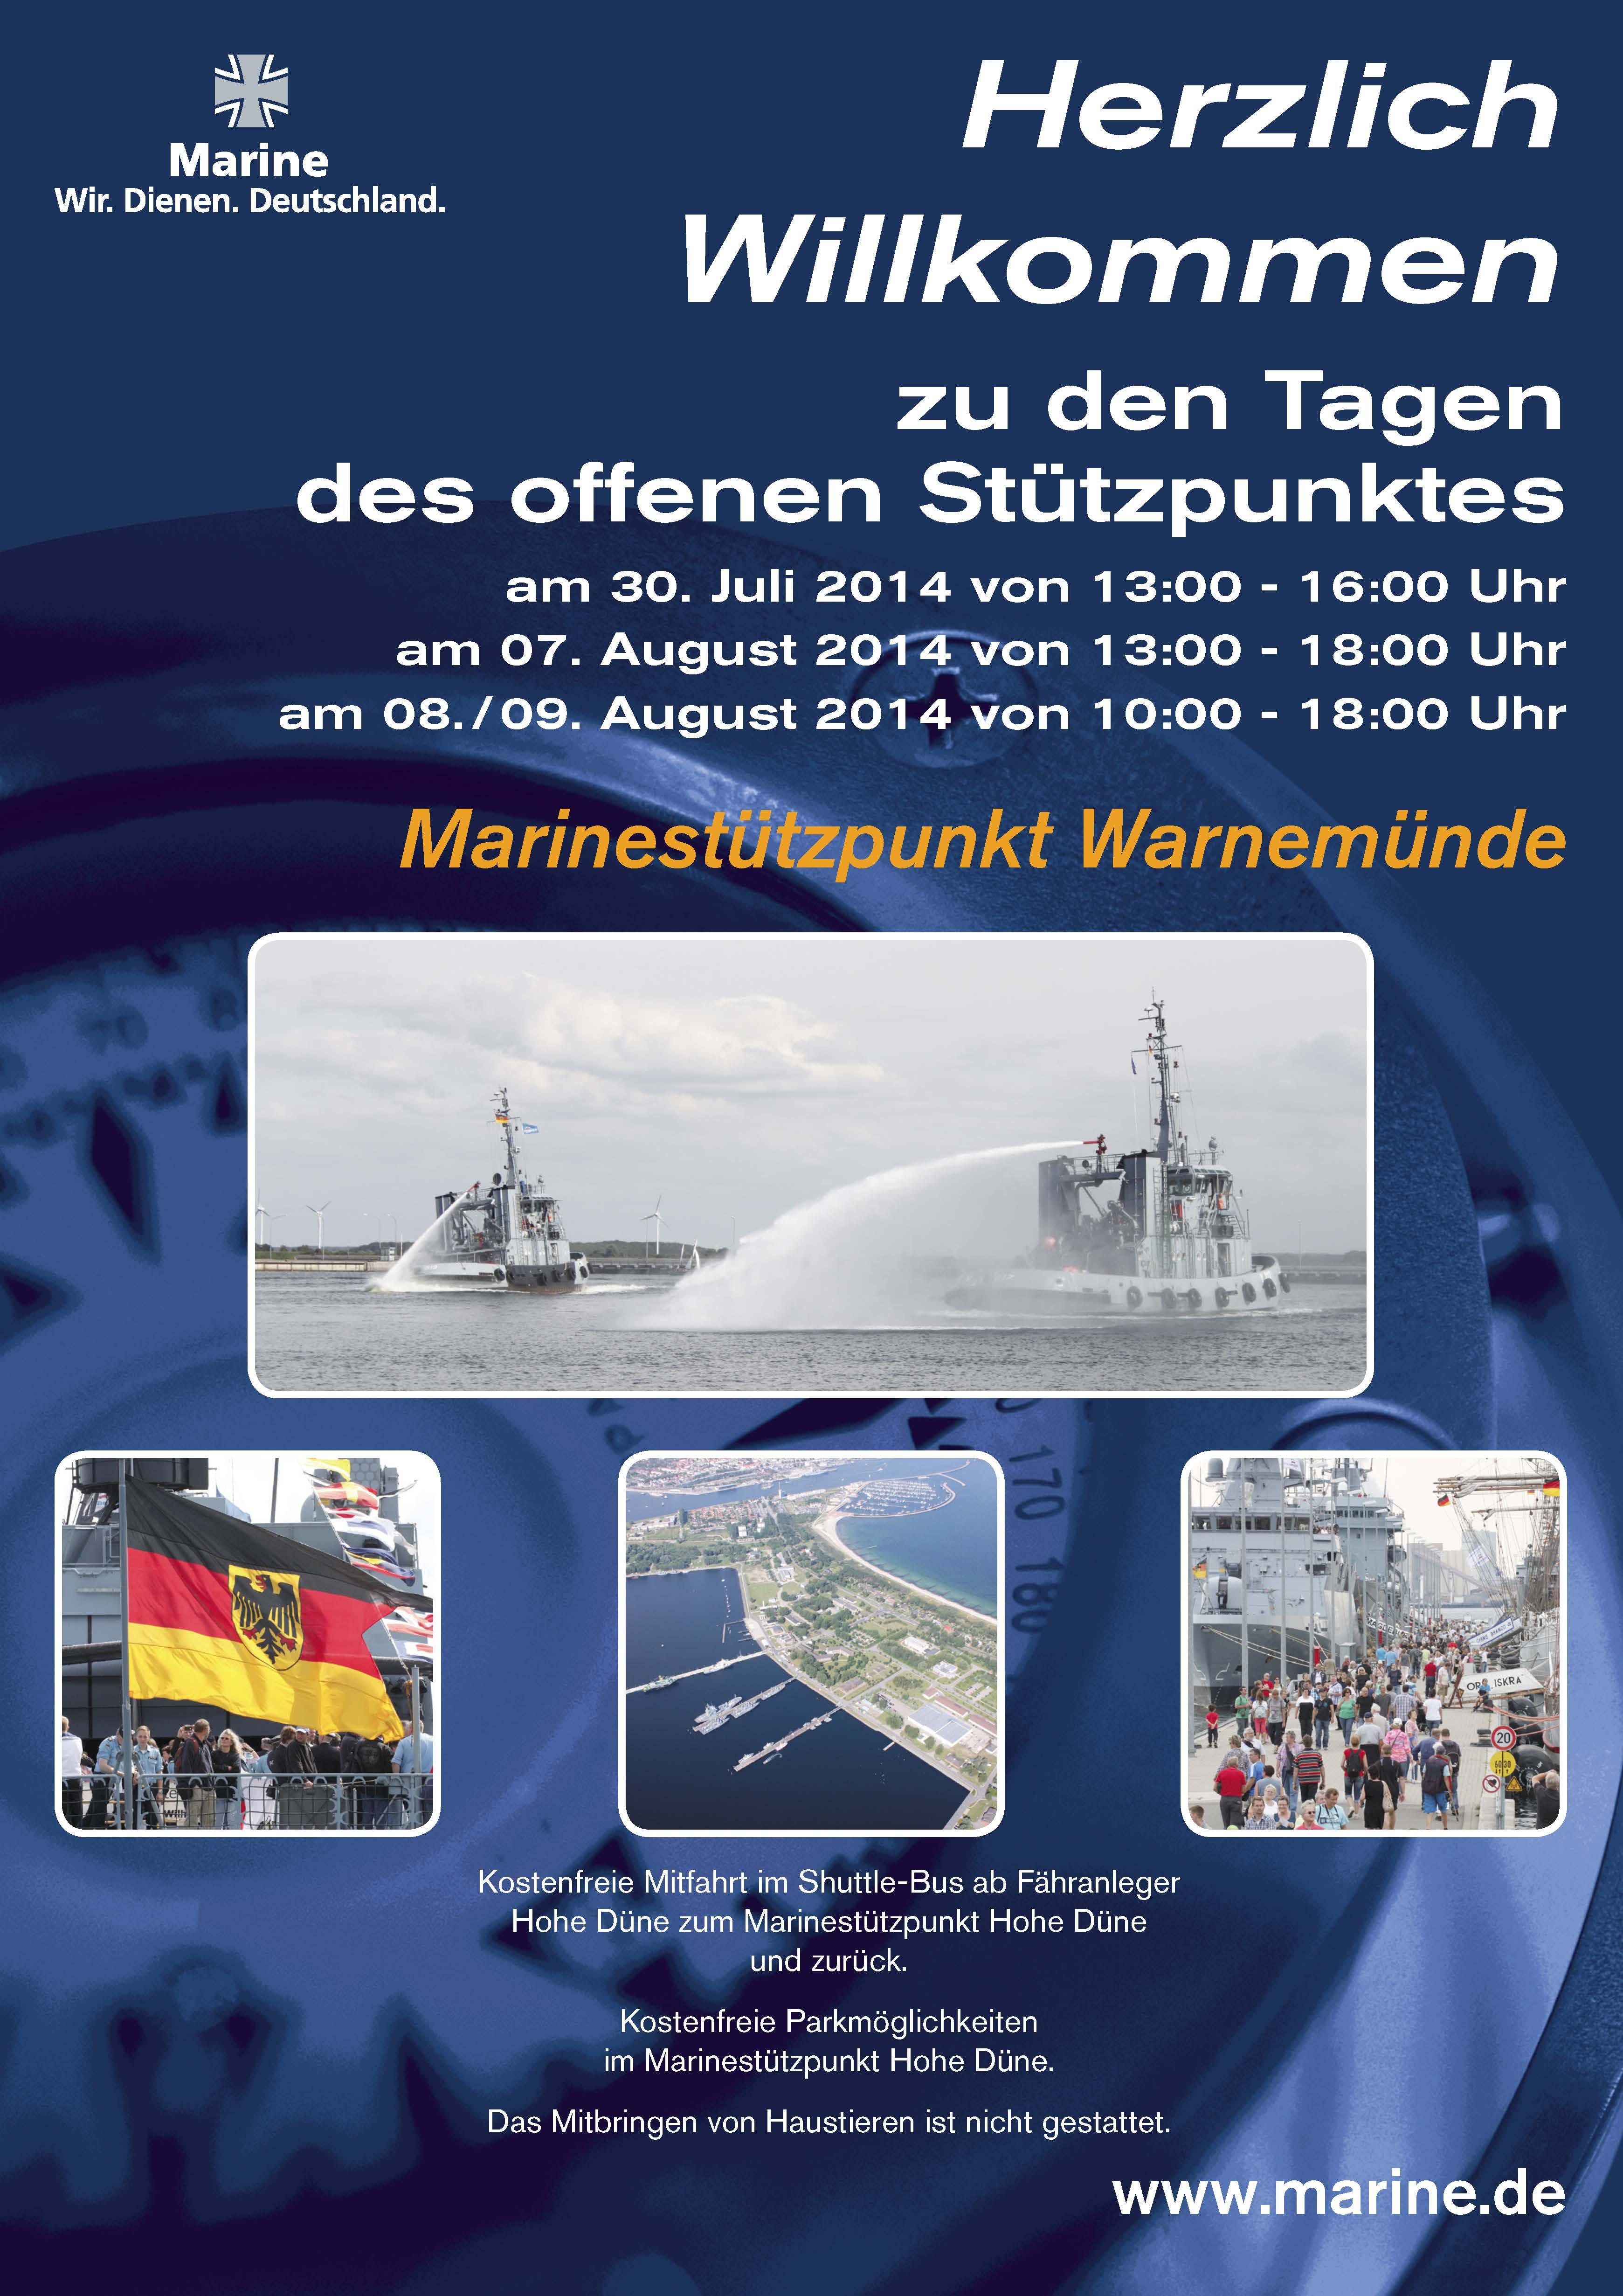 Marine lädt zum Tag des offenen Stützpunktes im Rahmen der Hanse ...